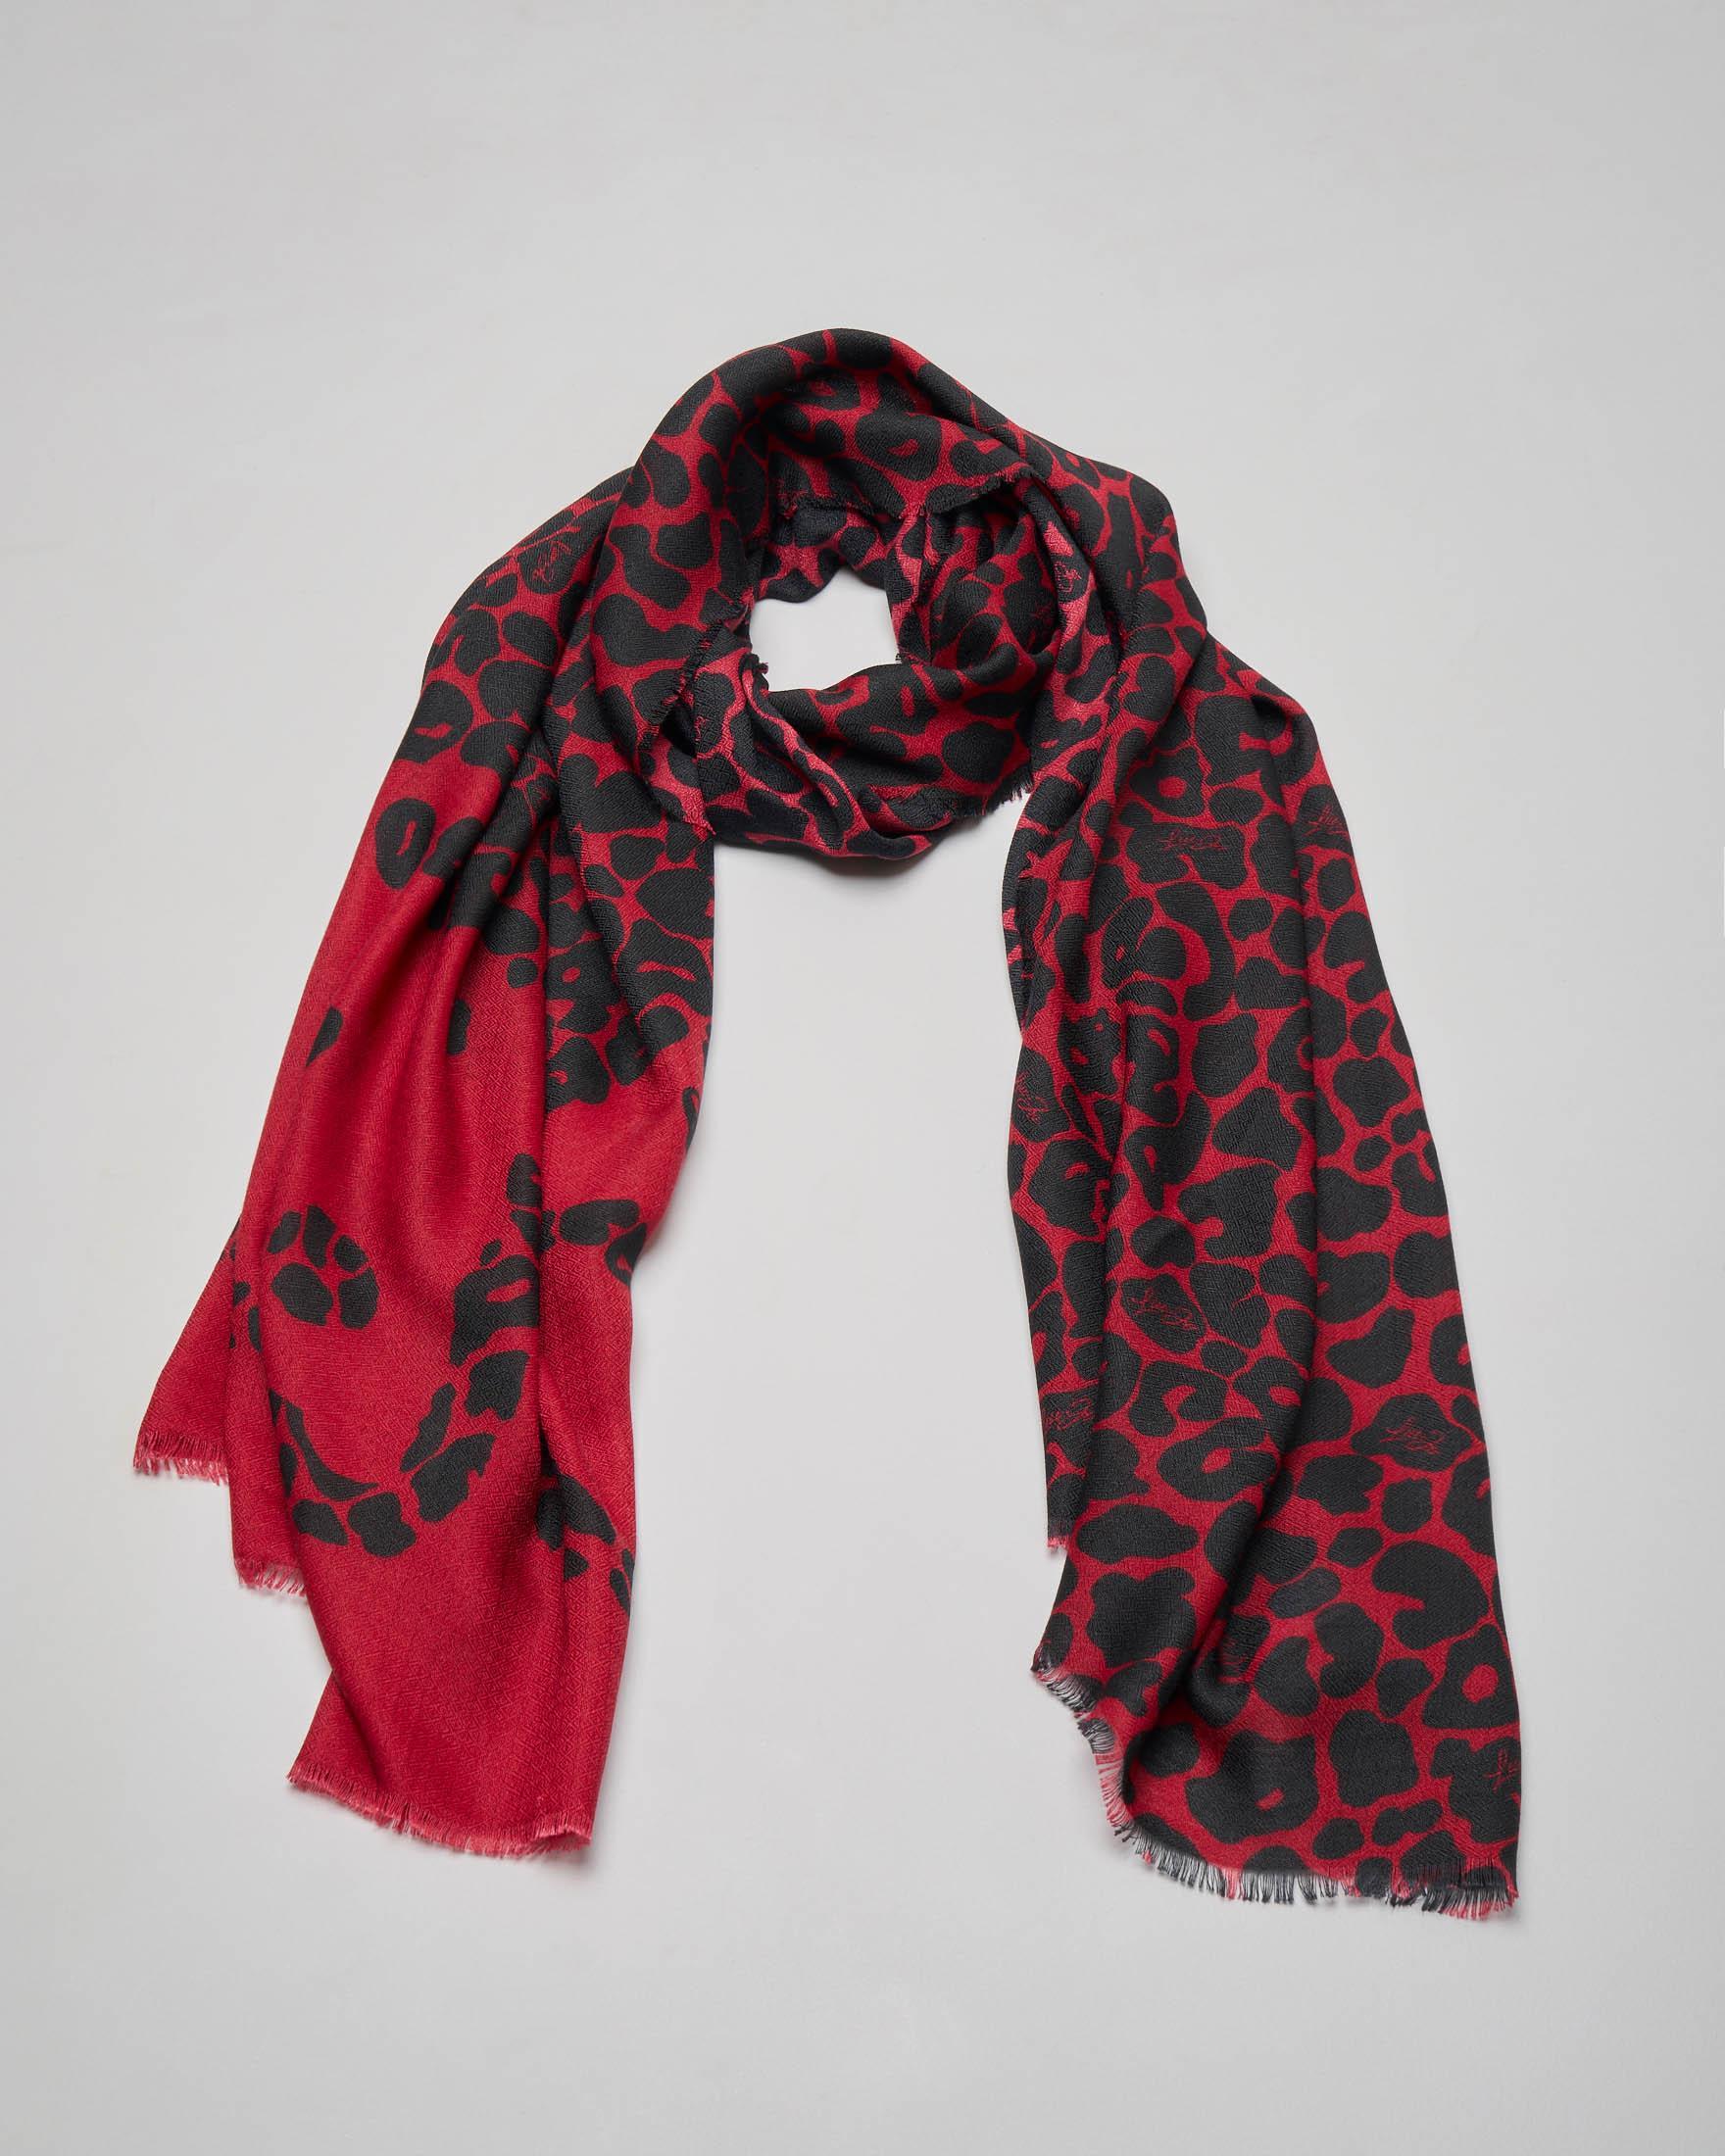 Sciarpa rossa a stampa animalier e scritta logo a contrasto